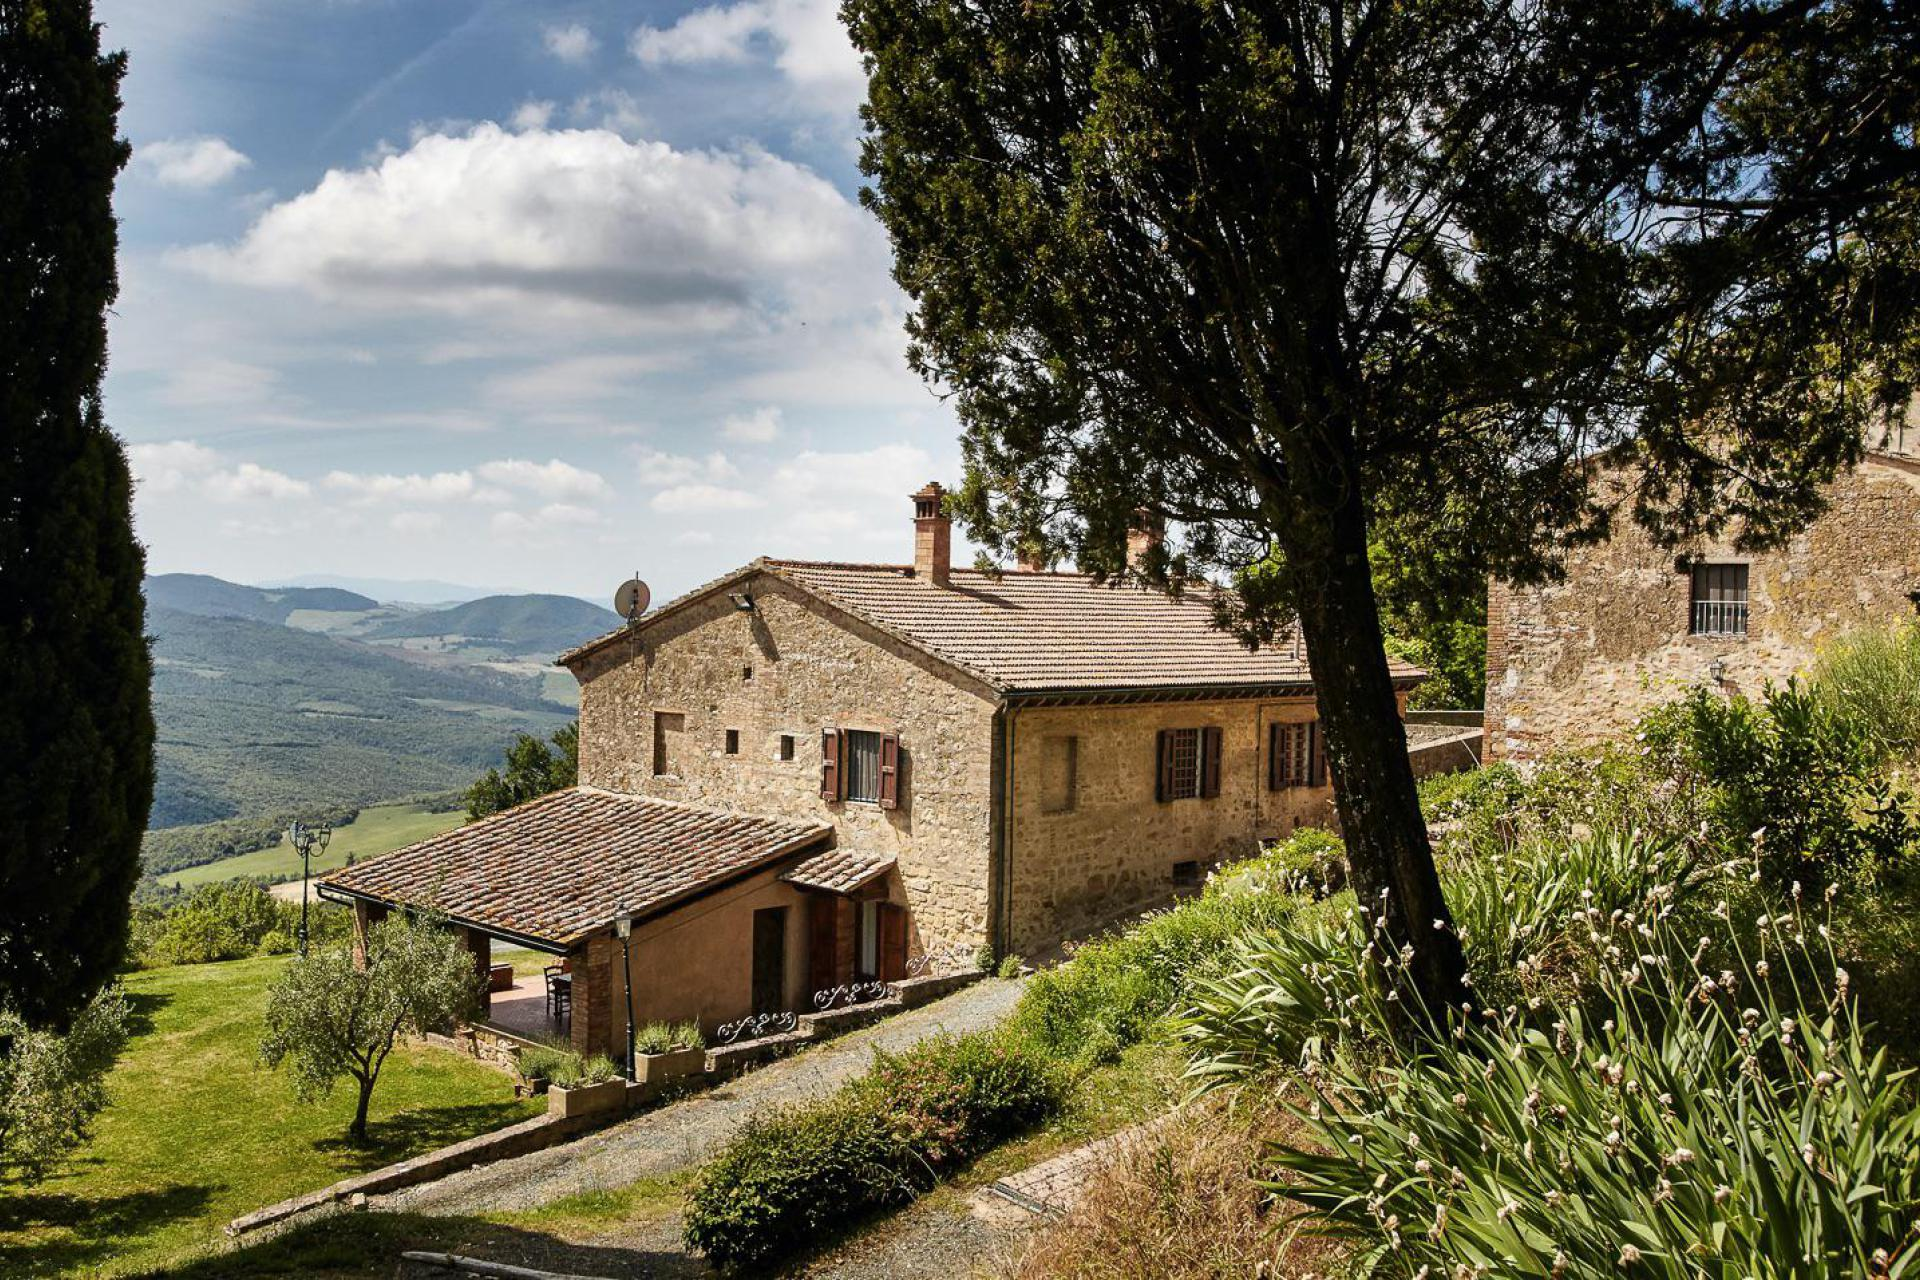 Agriturismo Toskana Familienfreundlicher Agriturismo in zentraler Lage in der Toskana